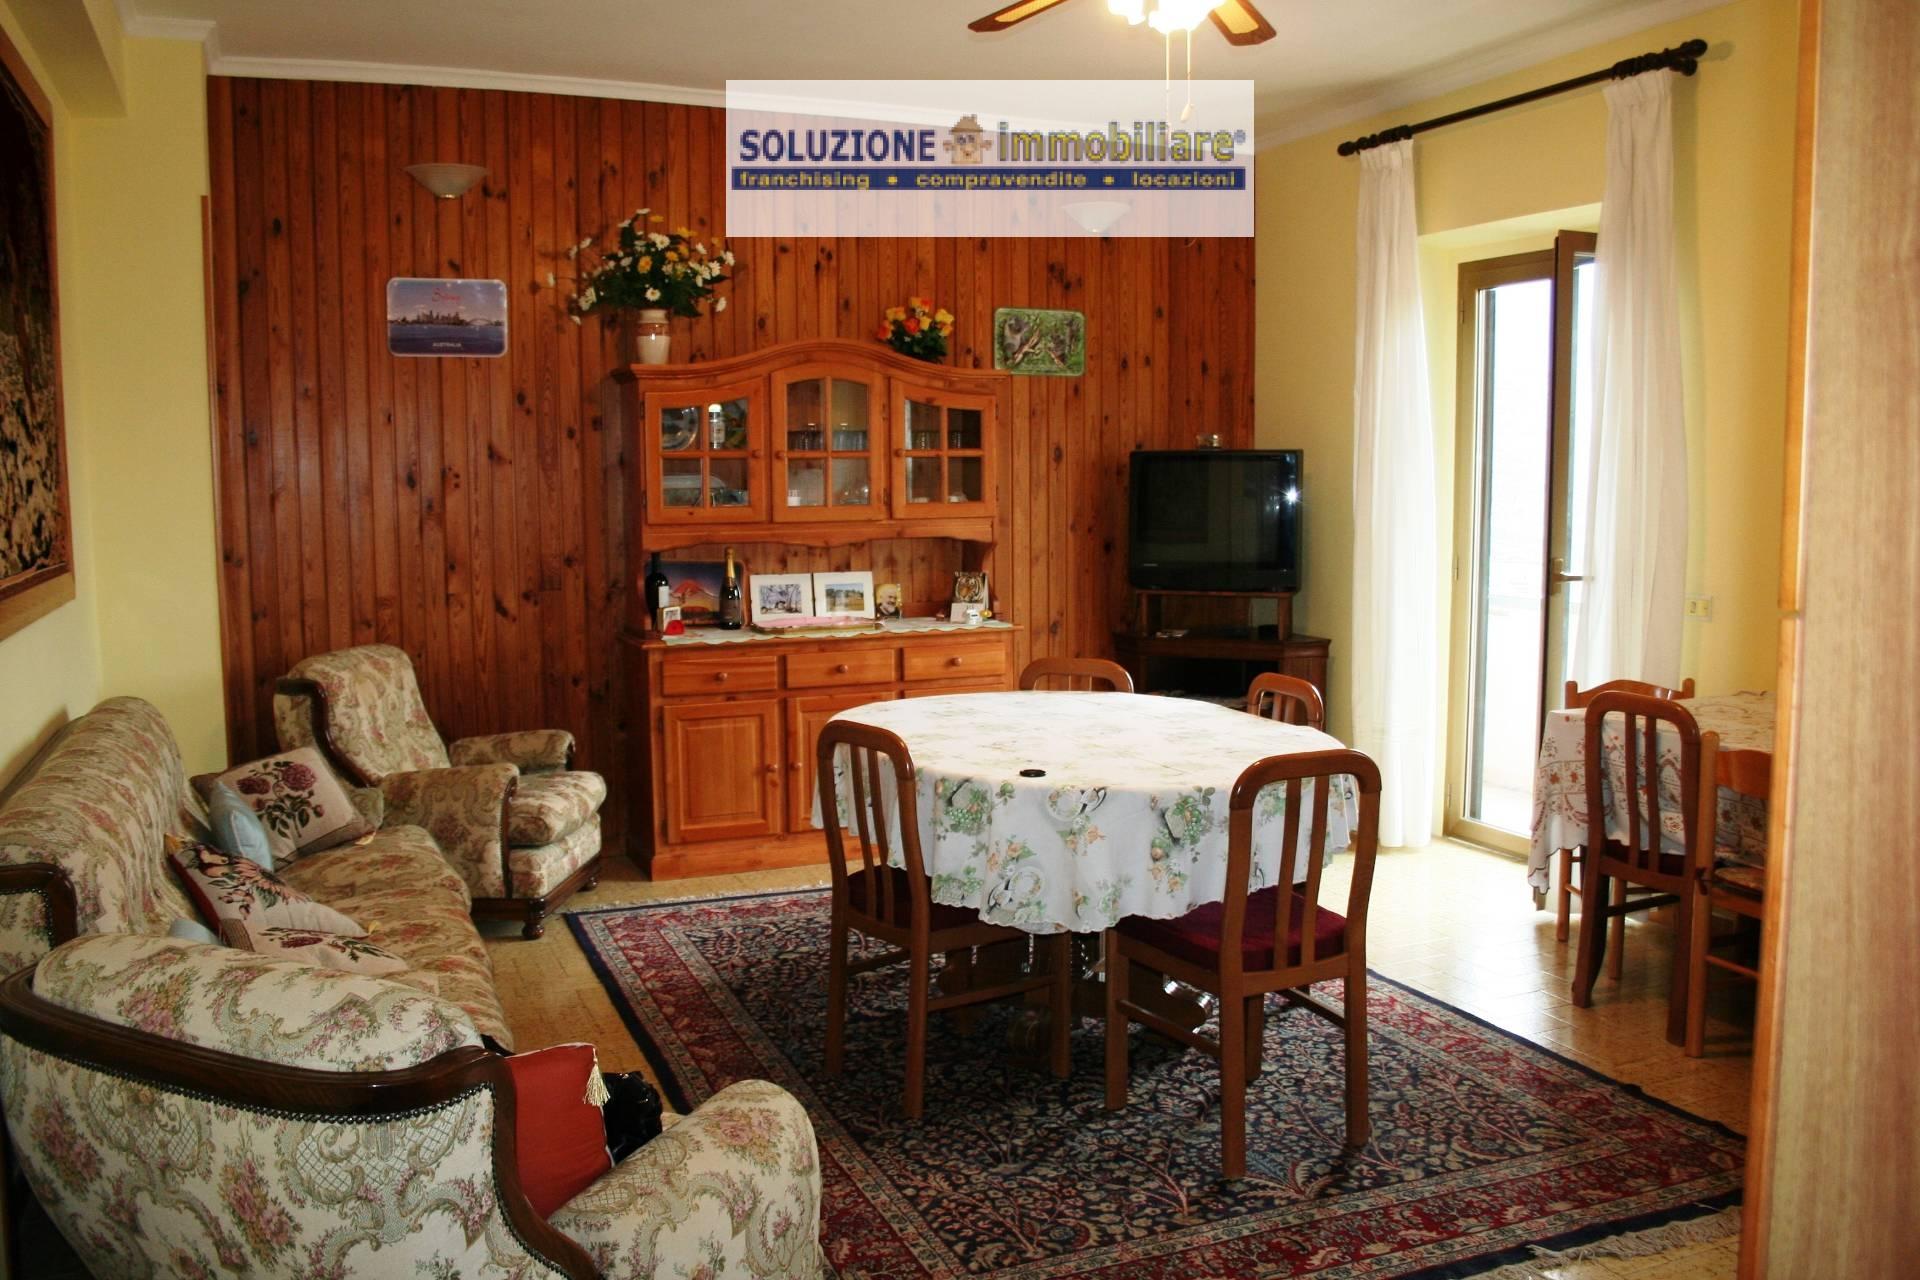 Appartamento in vendita a Caramanico Terme, 4 locali, prezzo € 125.000 | CambioCasa.it